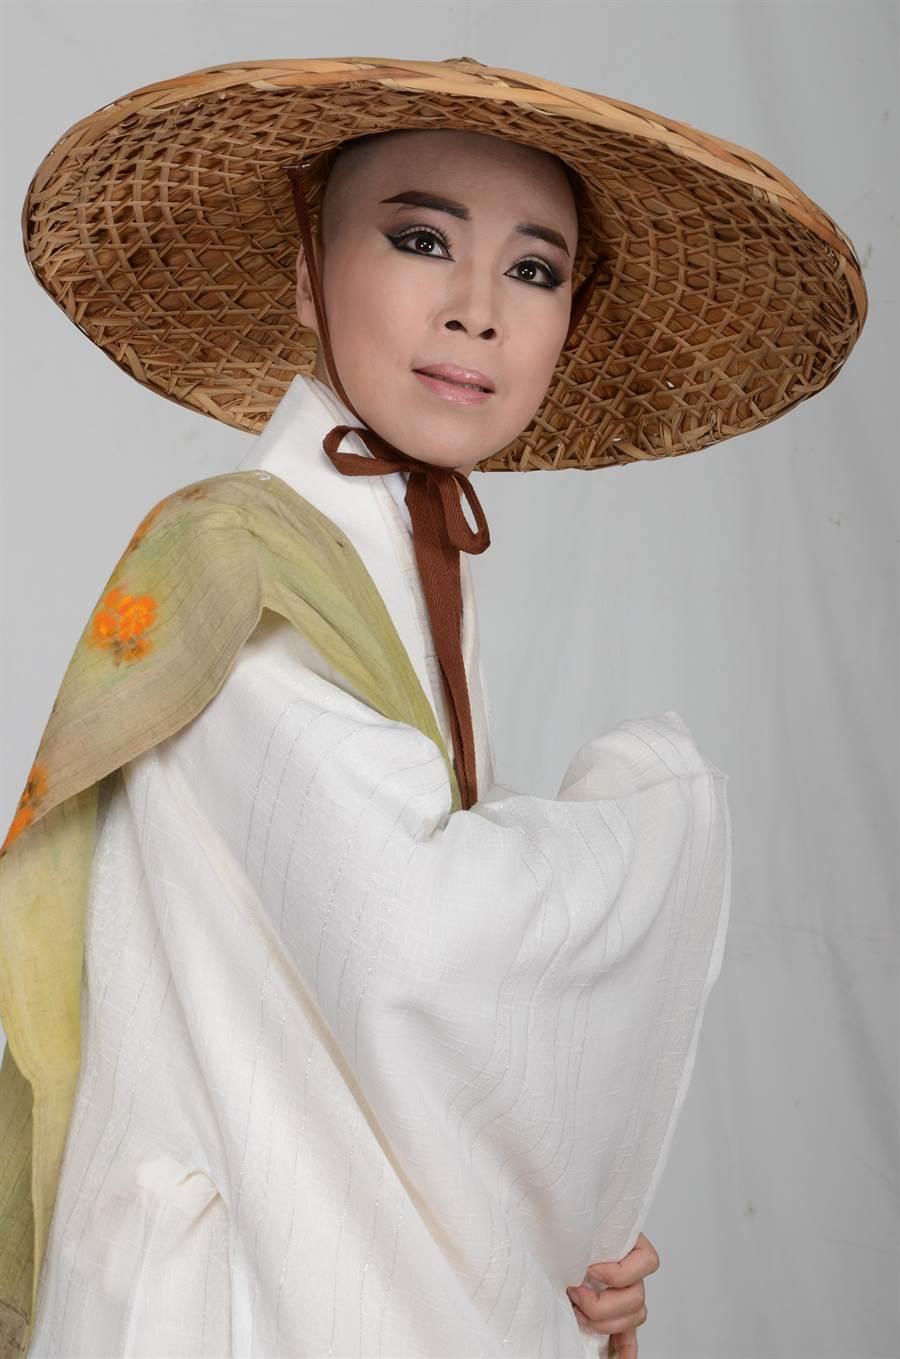 尚和歌仔戲團《情定化城寺》將由梁越玲飾演地藏王菩薩一角。(尚和歌仔戲團提供)